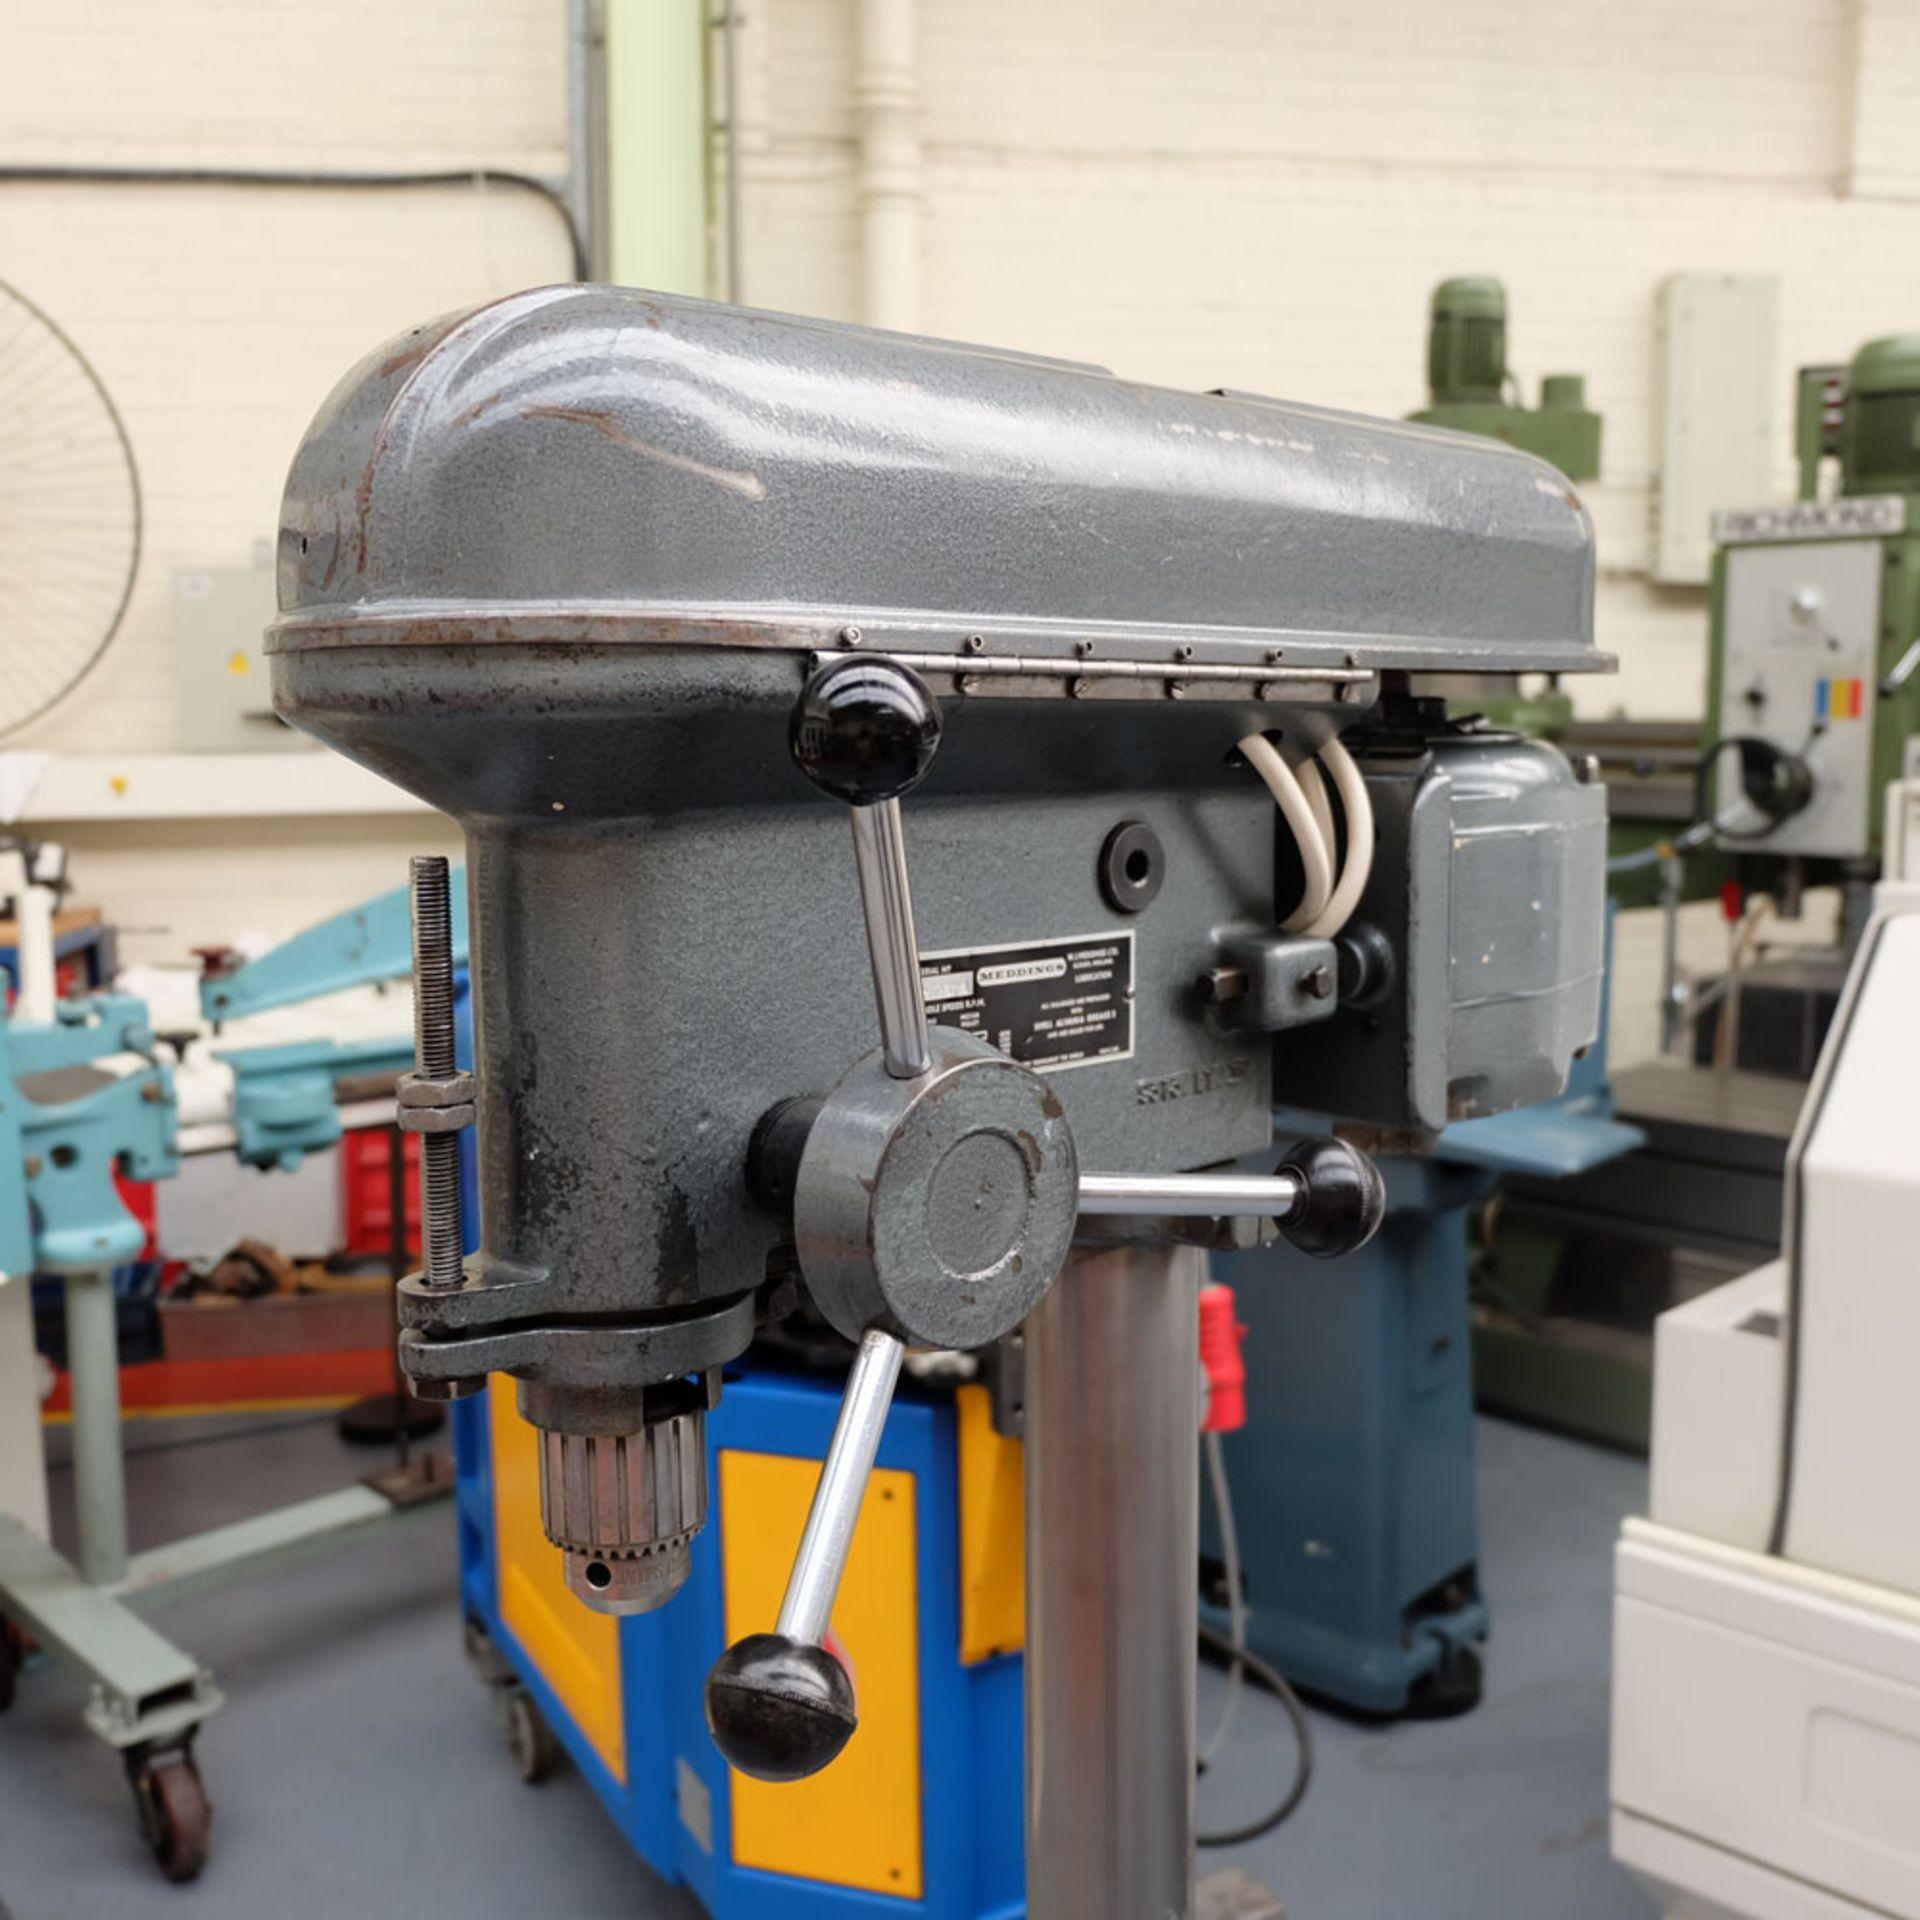 """Meddings LT Pillar Drill. Capacity 1/2"""". 5 Speeds 500 - 4000rpm. - Image 3 of 5"""